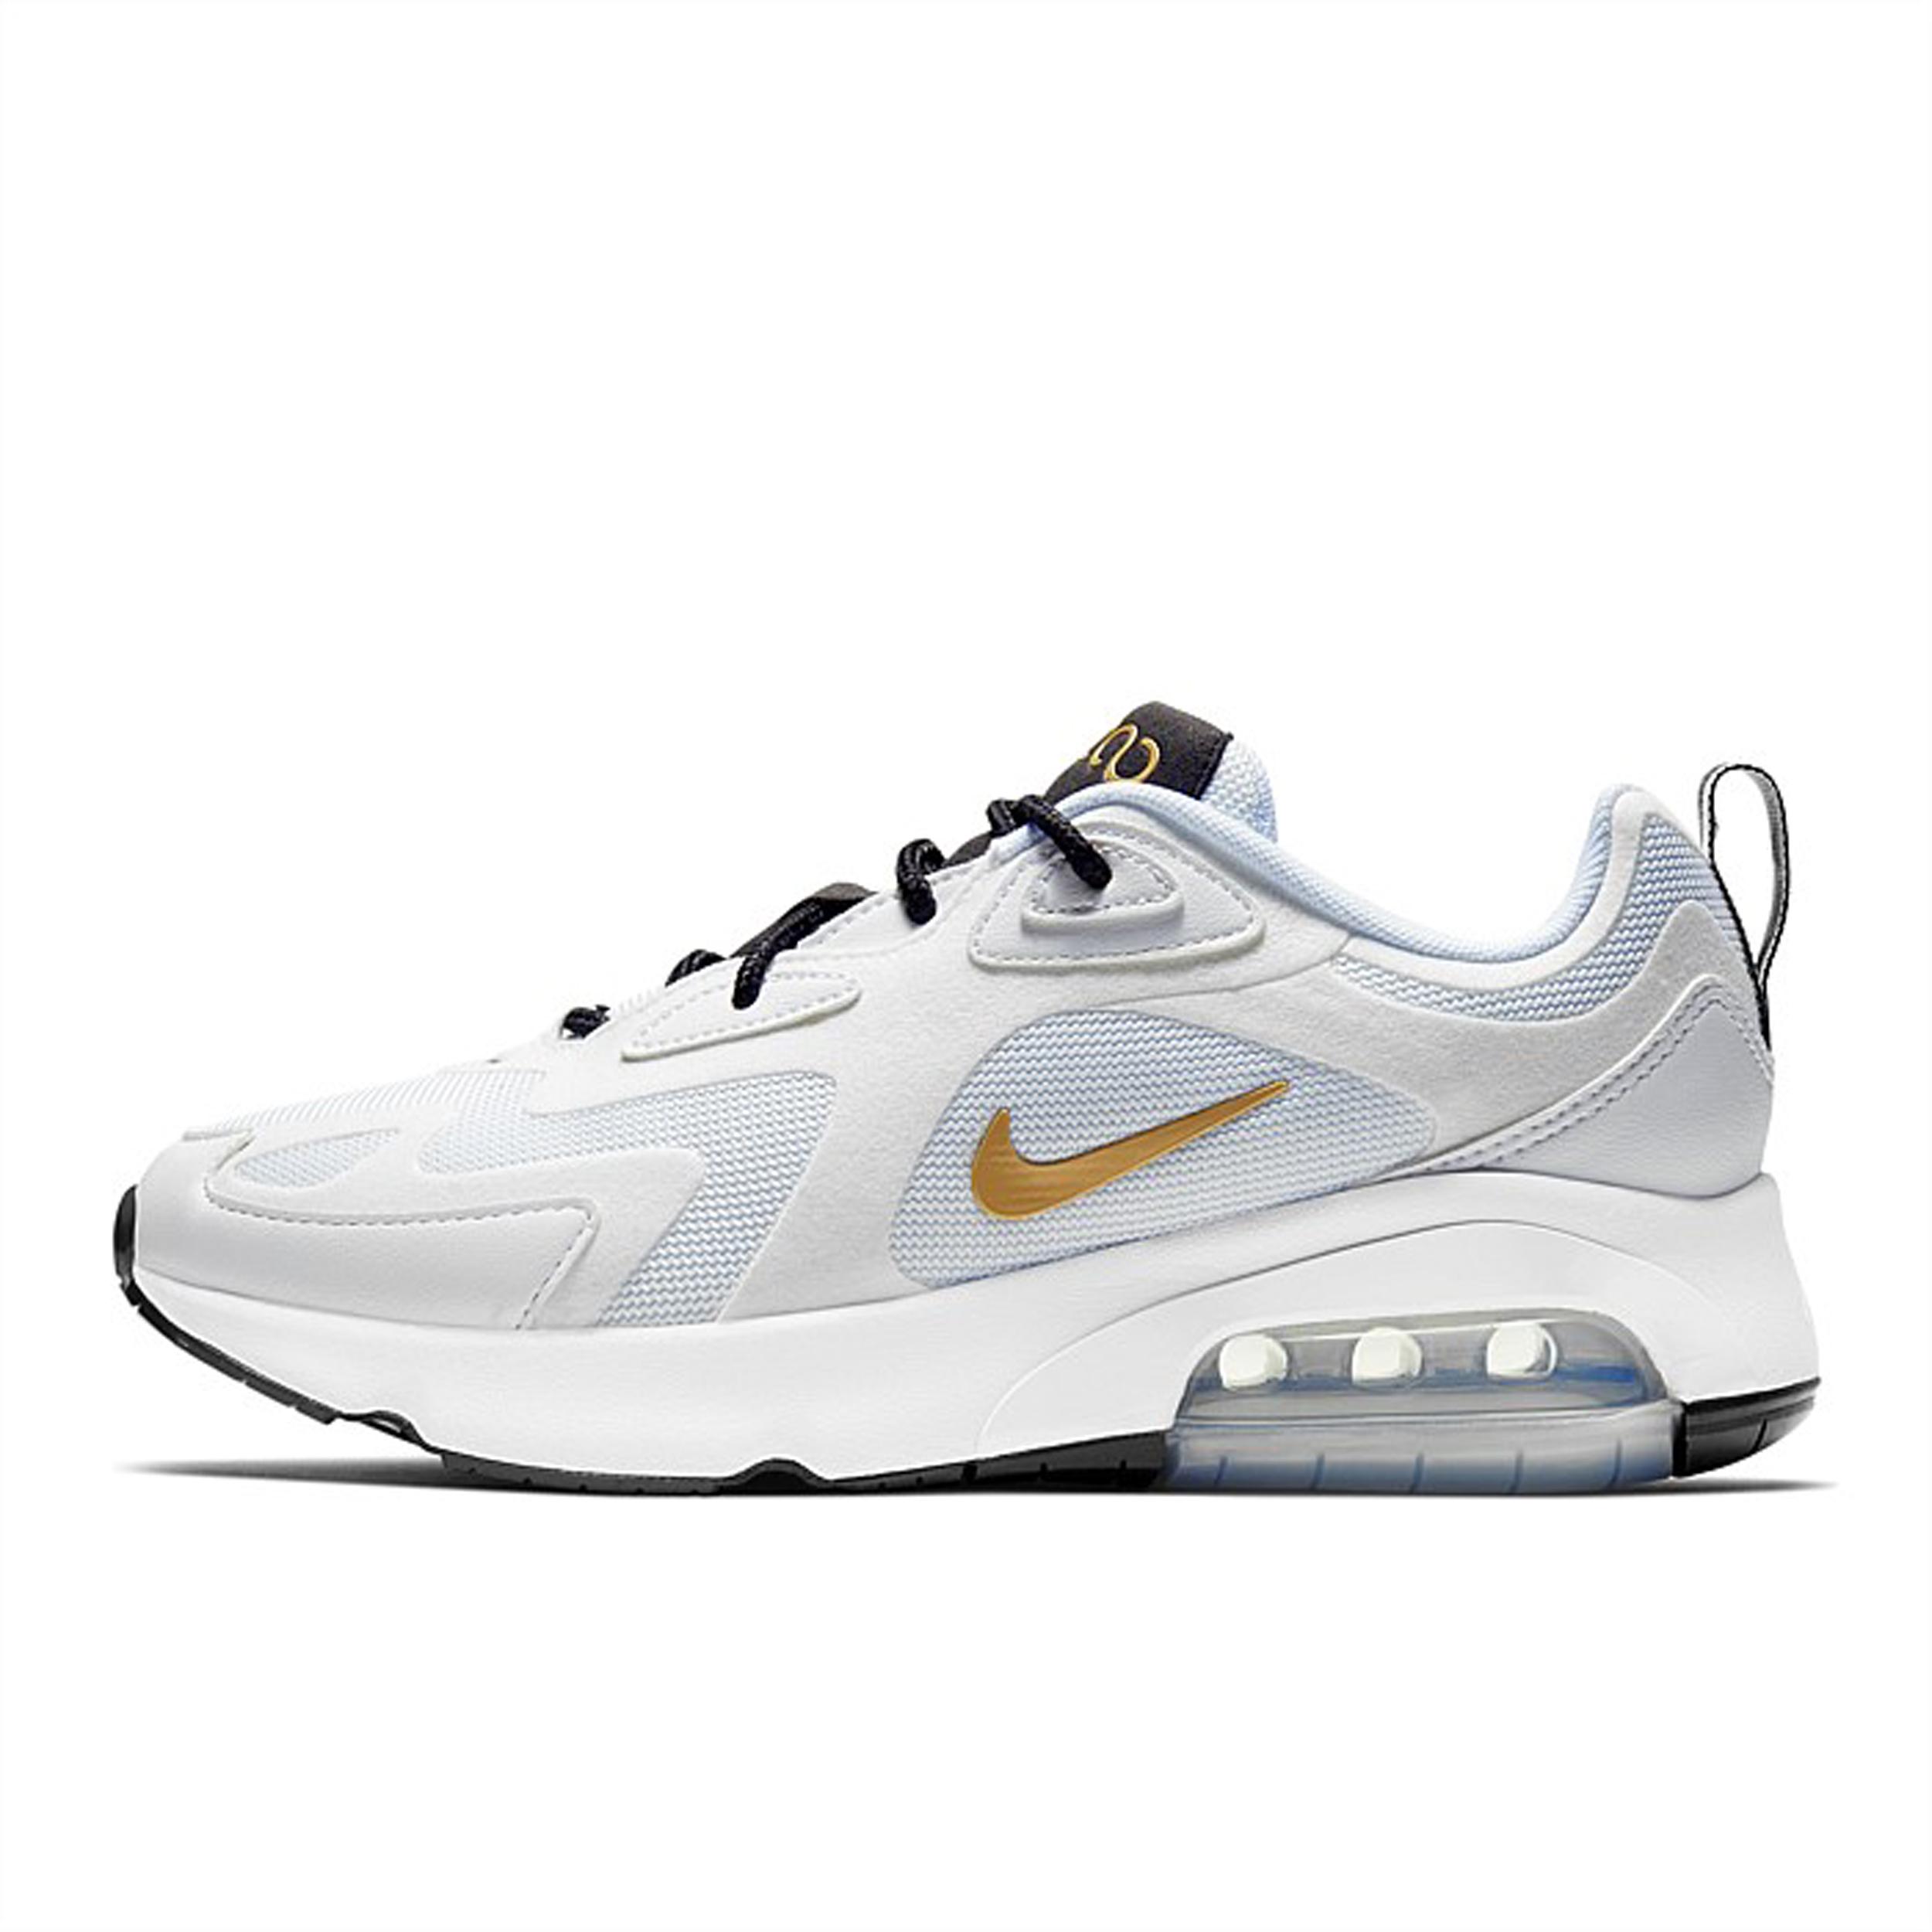 فروش                      کفش مخصوص پیاده روی مردانه نایکی مدل air max 200s